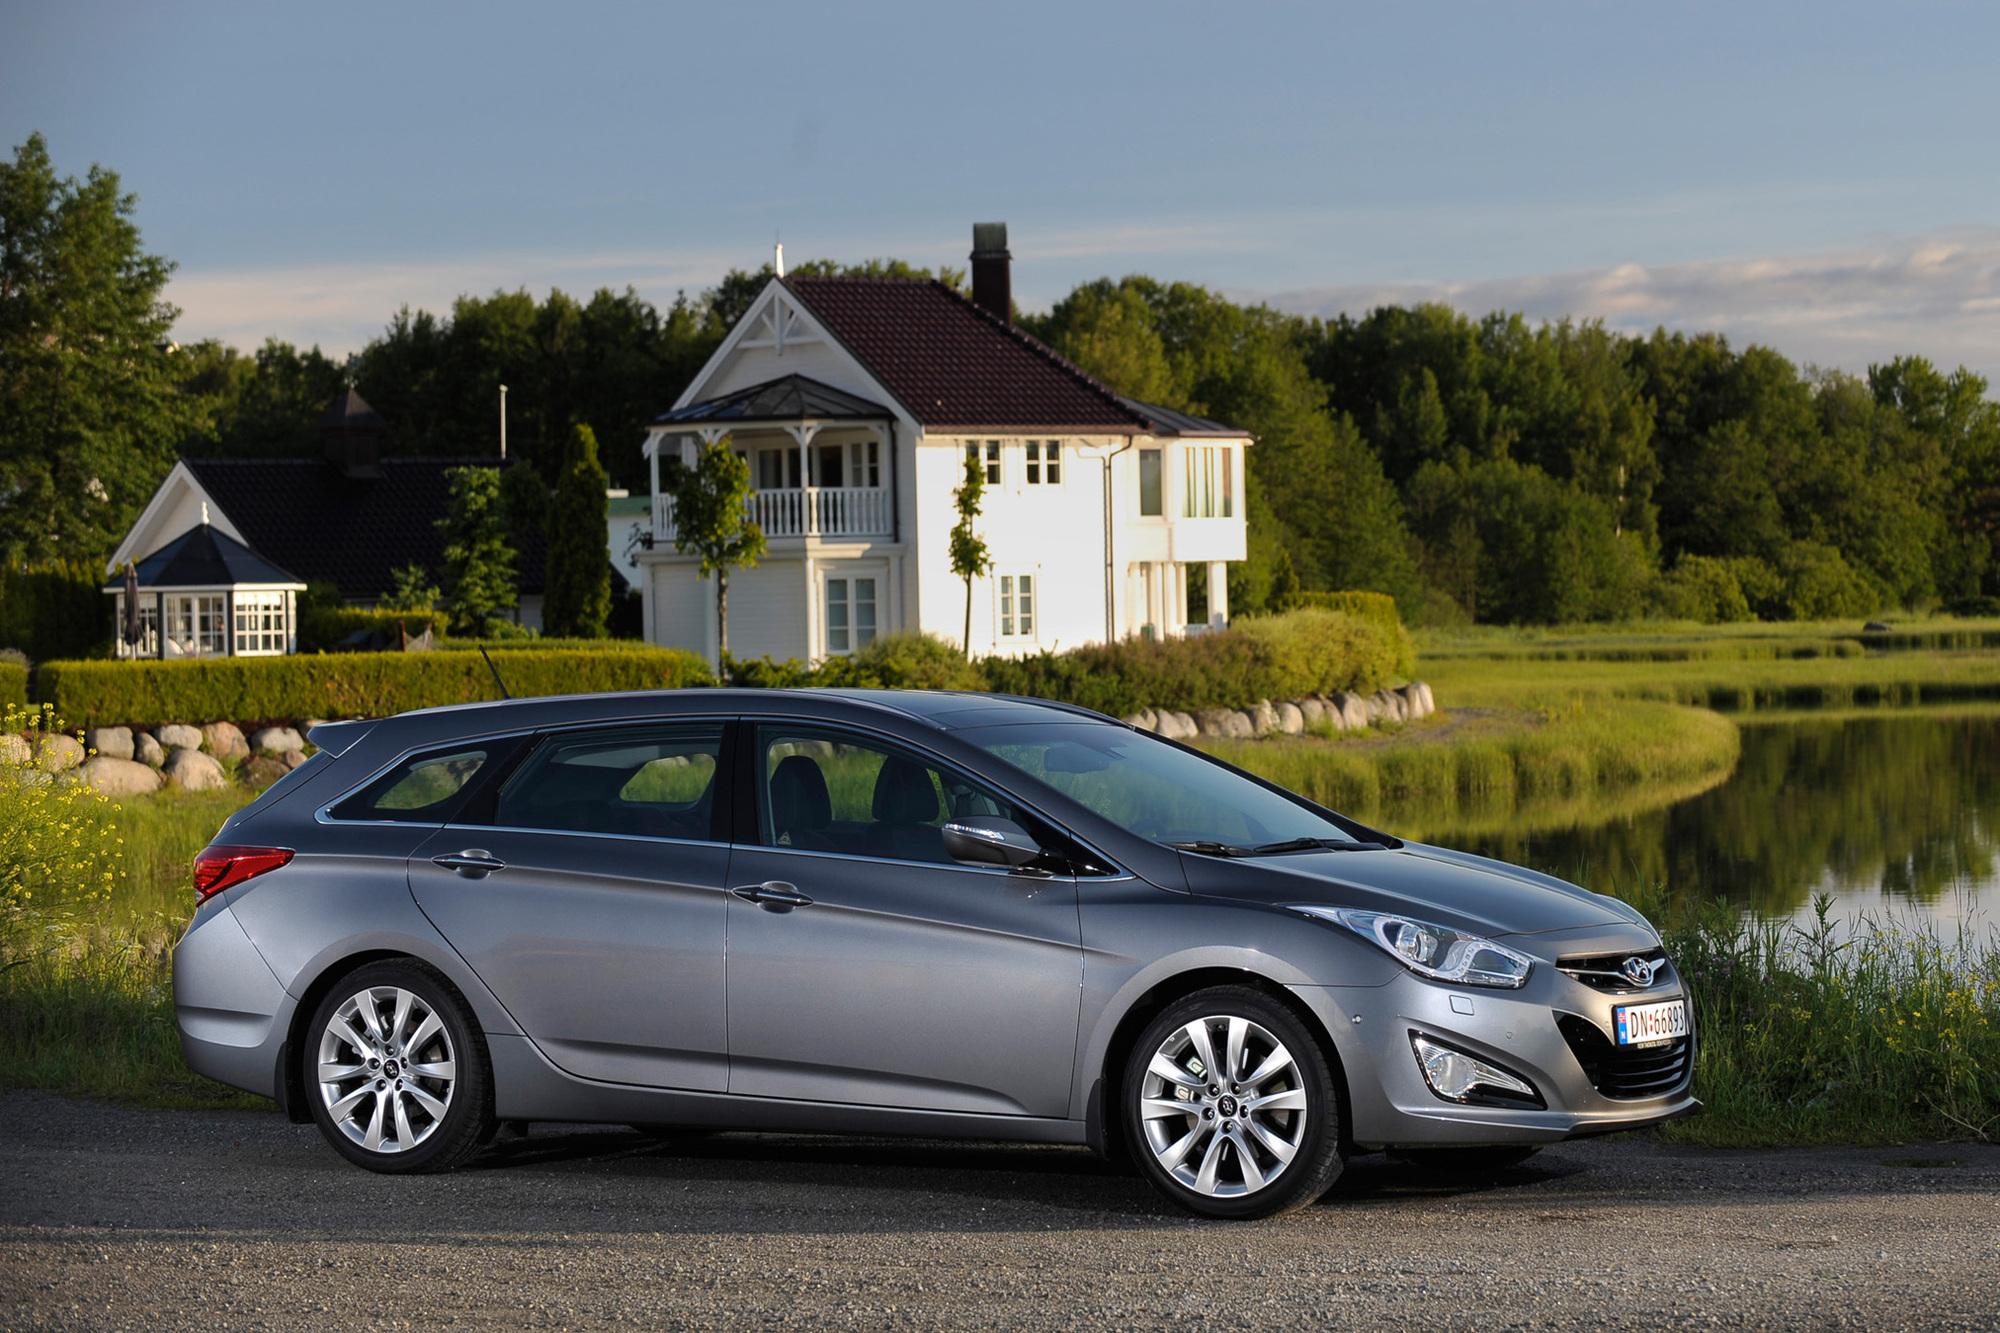 Test: Hyundai i40 Kombi 1.7 CRDi Blue - Ein Europäer ohne Heimvorteil